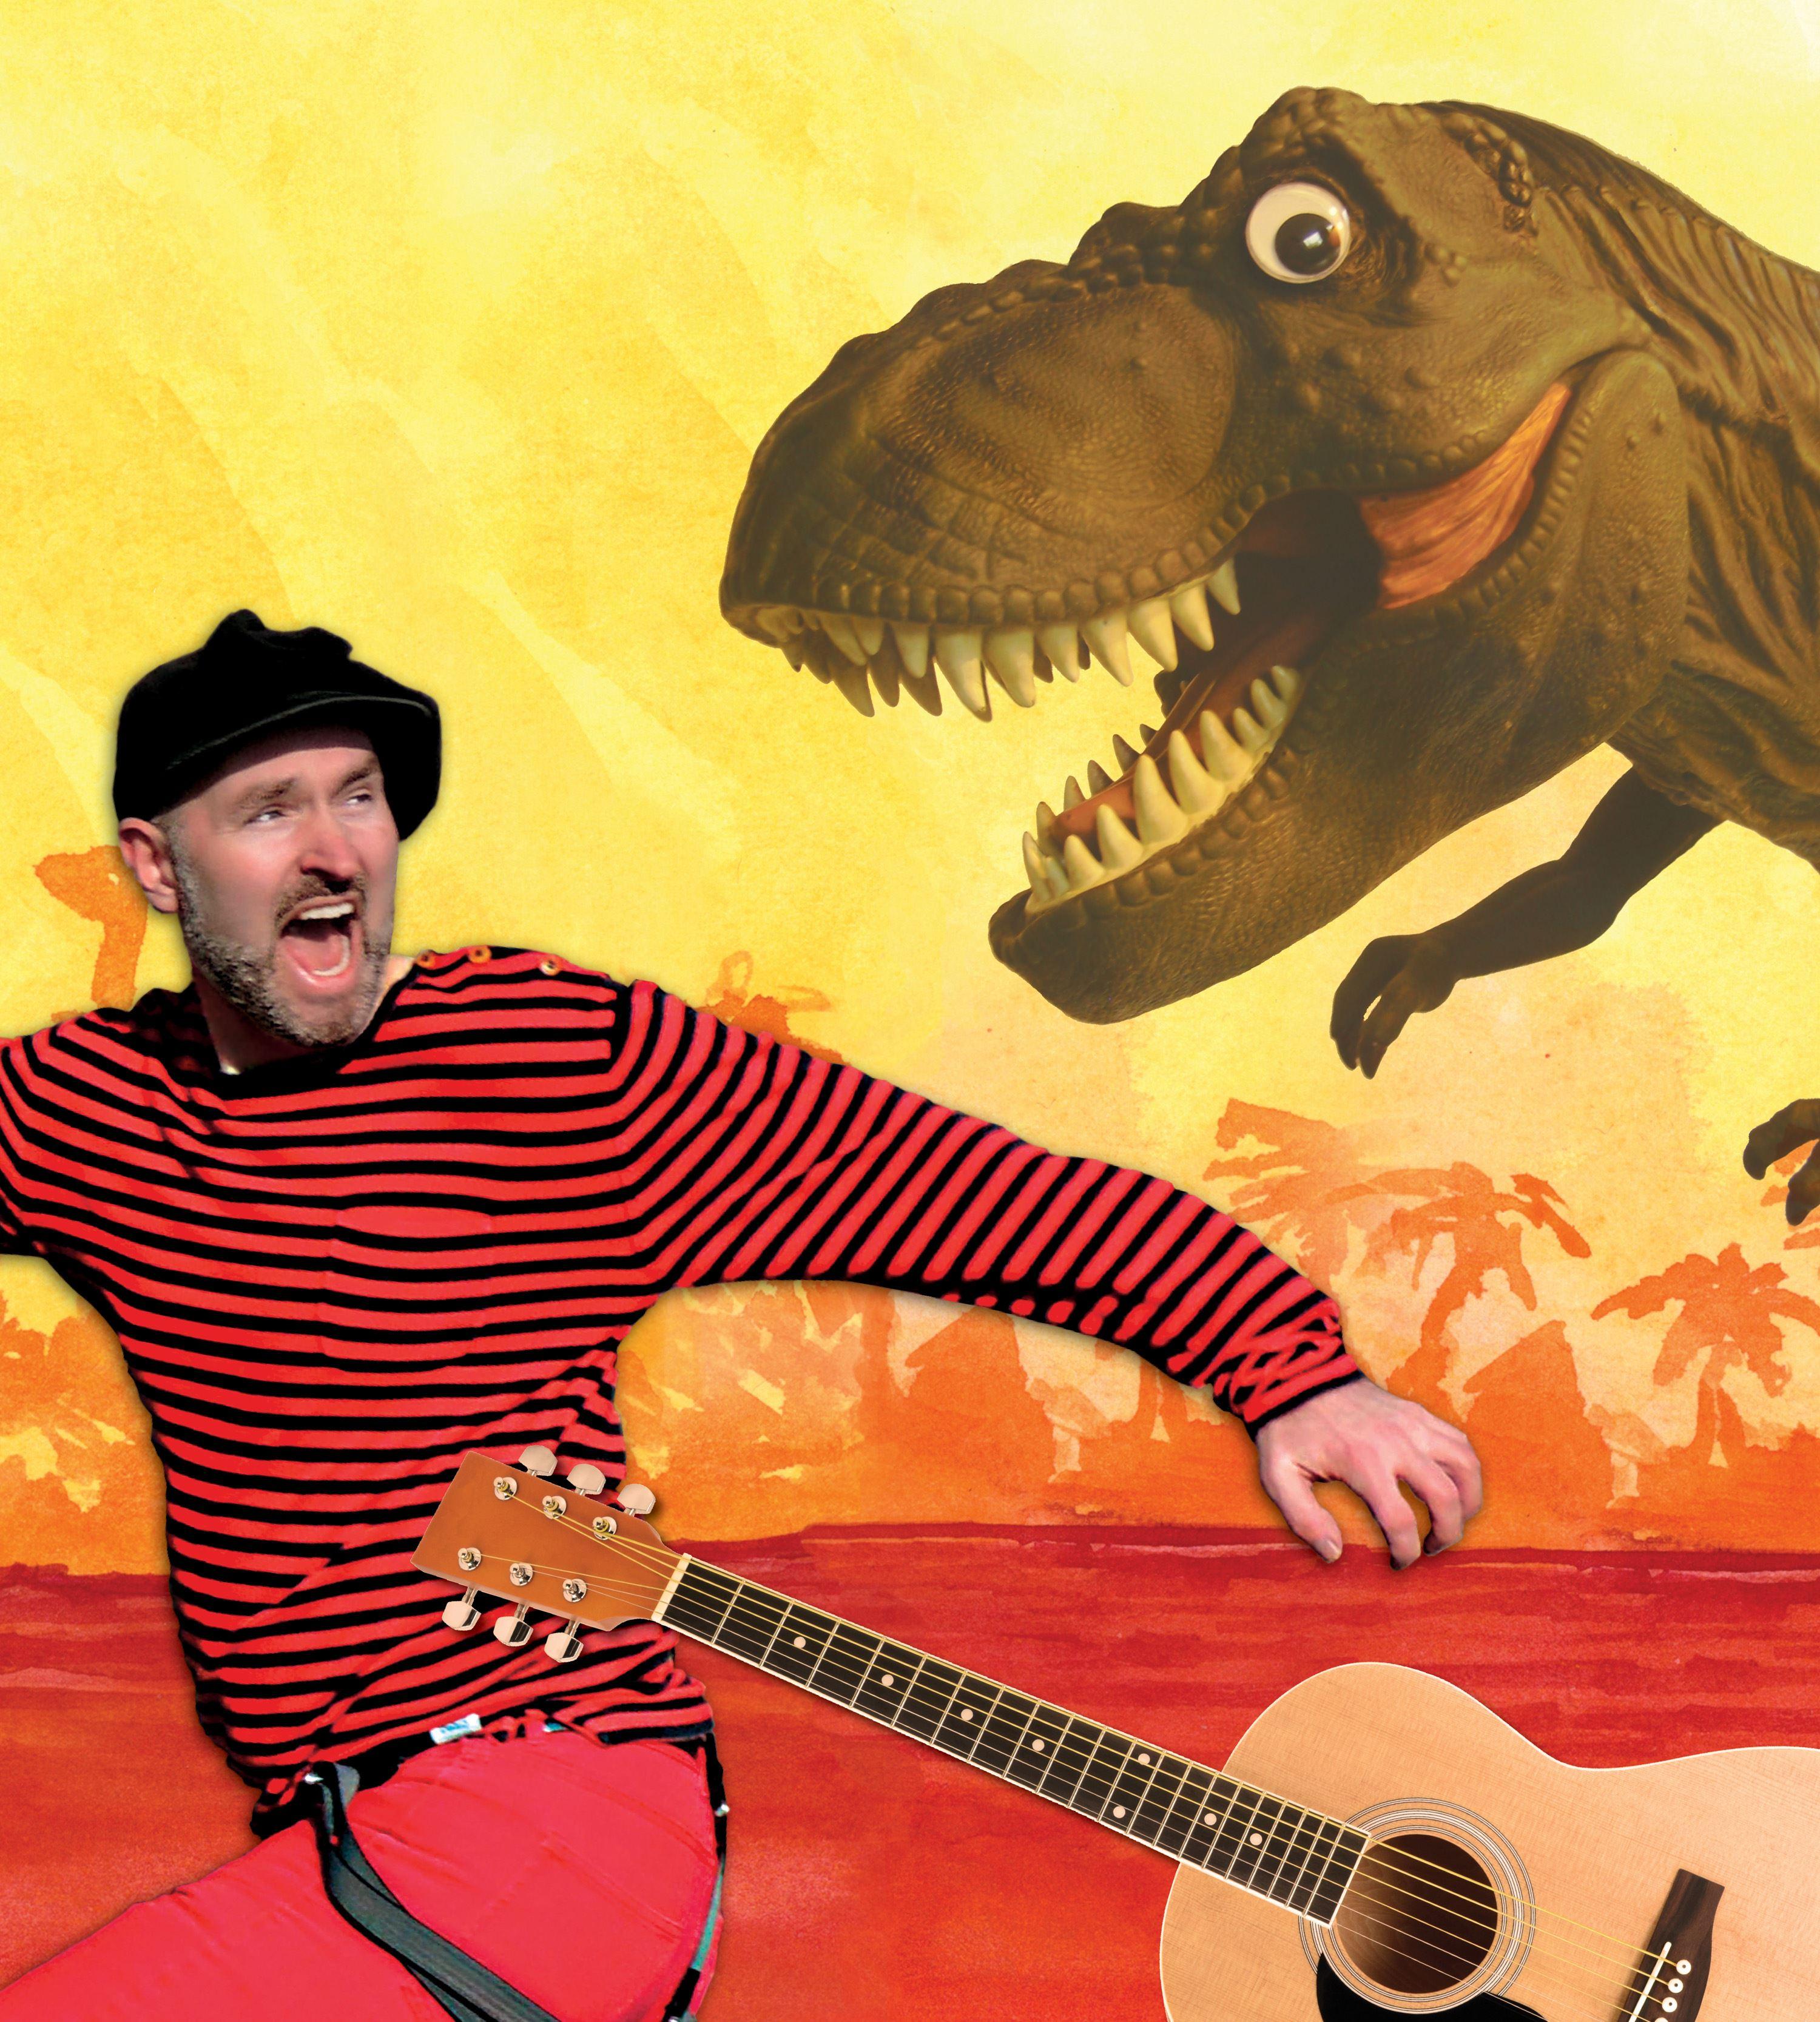 Jagad av en T-rex - Ett fartfyllt musikäventyr i dinosauriernas värld